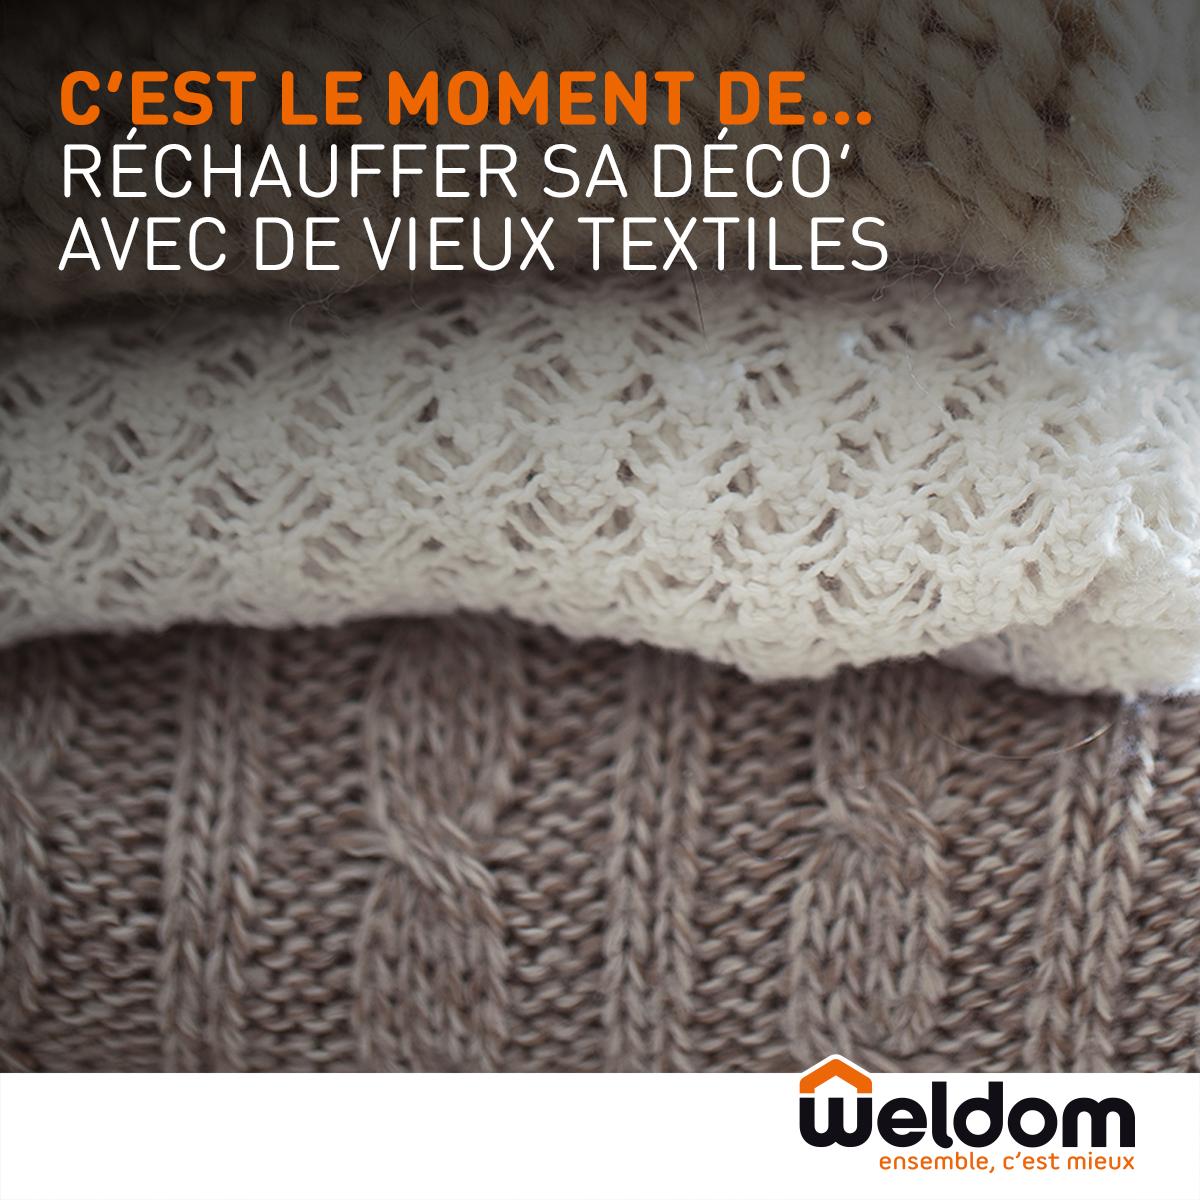 recycler ses vieux textiles vieux pulls en laine draps et rideaux conseils du moment pinterest. Black Bedroom Furniture Sets. Home Design Ideas